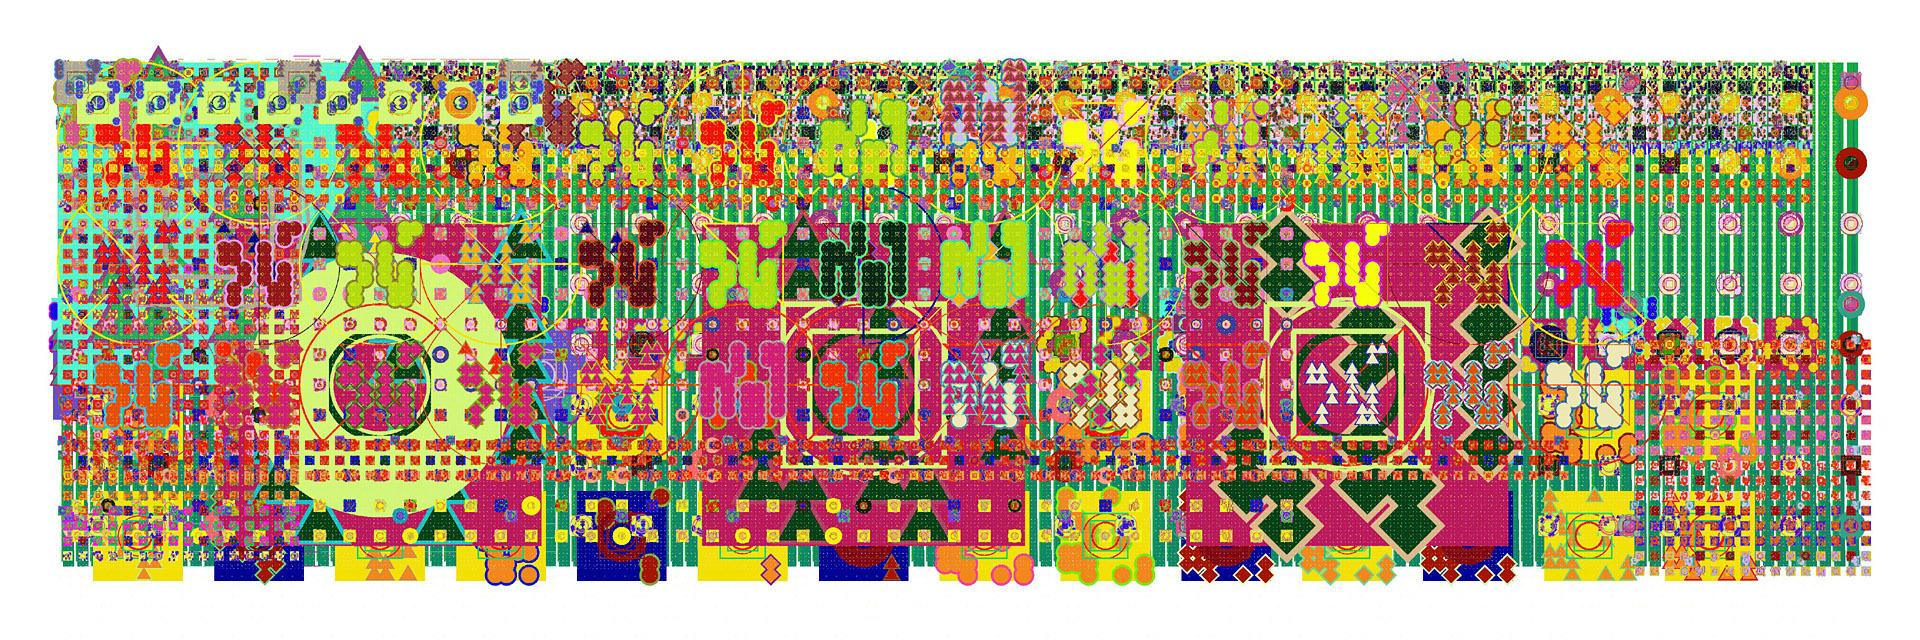 Mark Wilson, e20809, haltbarer Inkjetprint auf Hadernpapier, 23 x 61 cm, Edition von 5, signiert und datiert, 2011